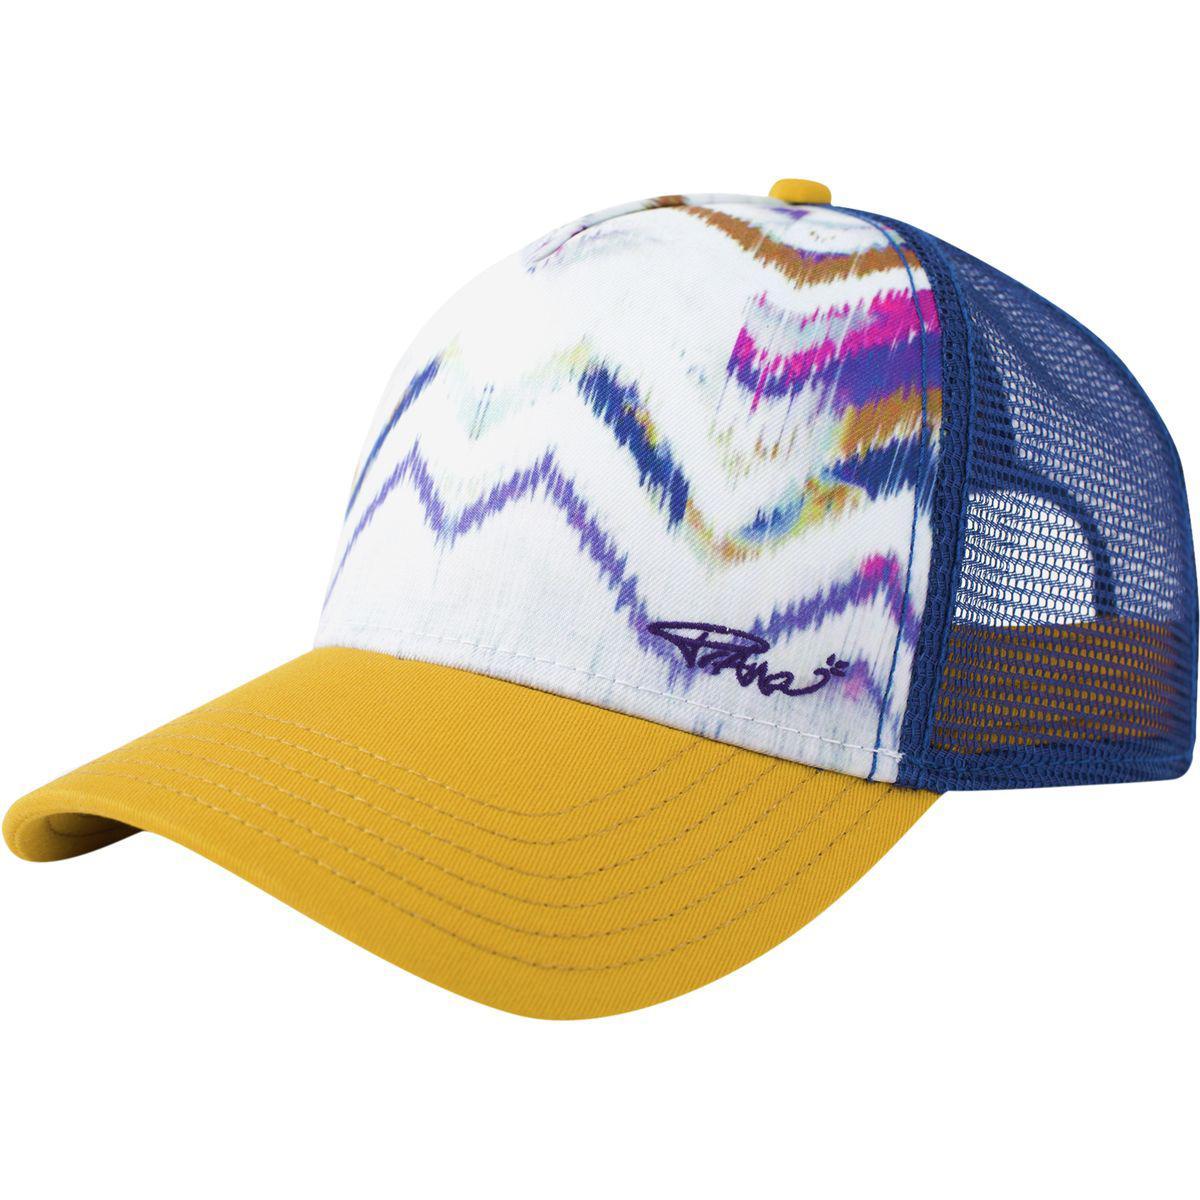 53a7bafc6d5f9 Lyst - Prana La Viva Trucker Hat in Blue for Men